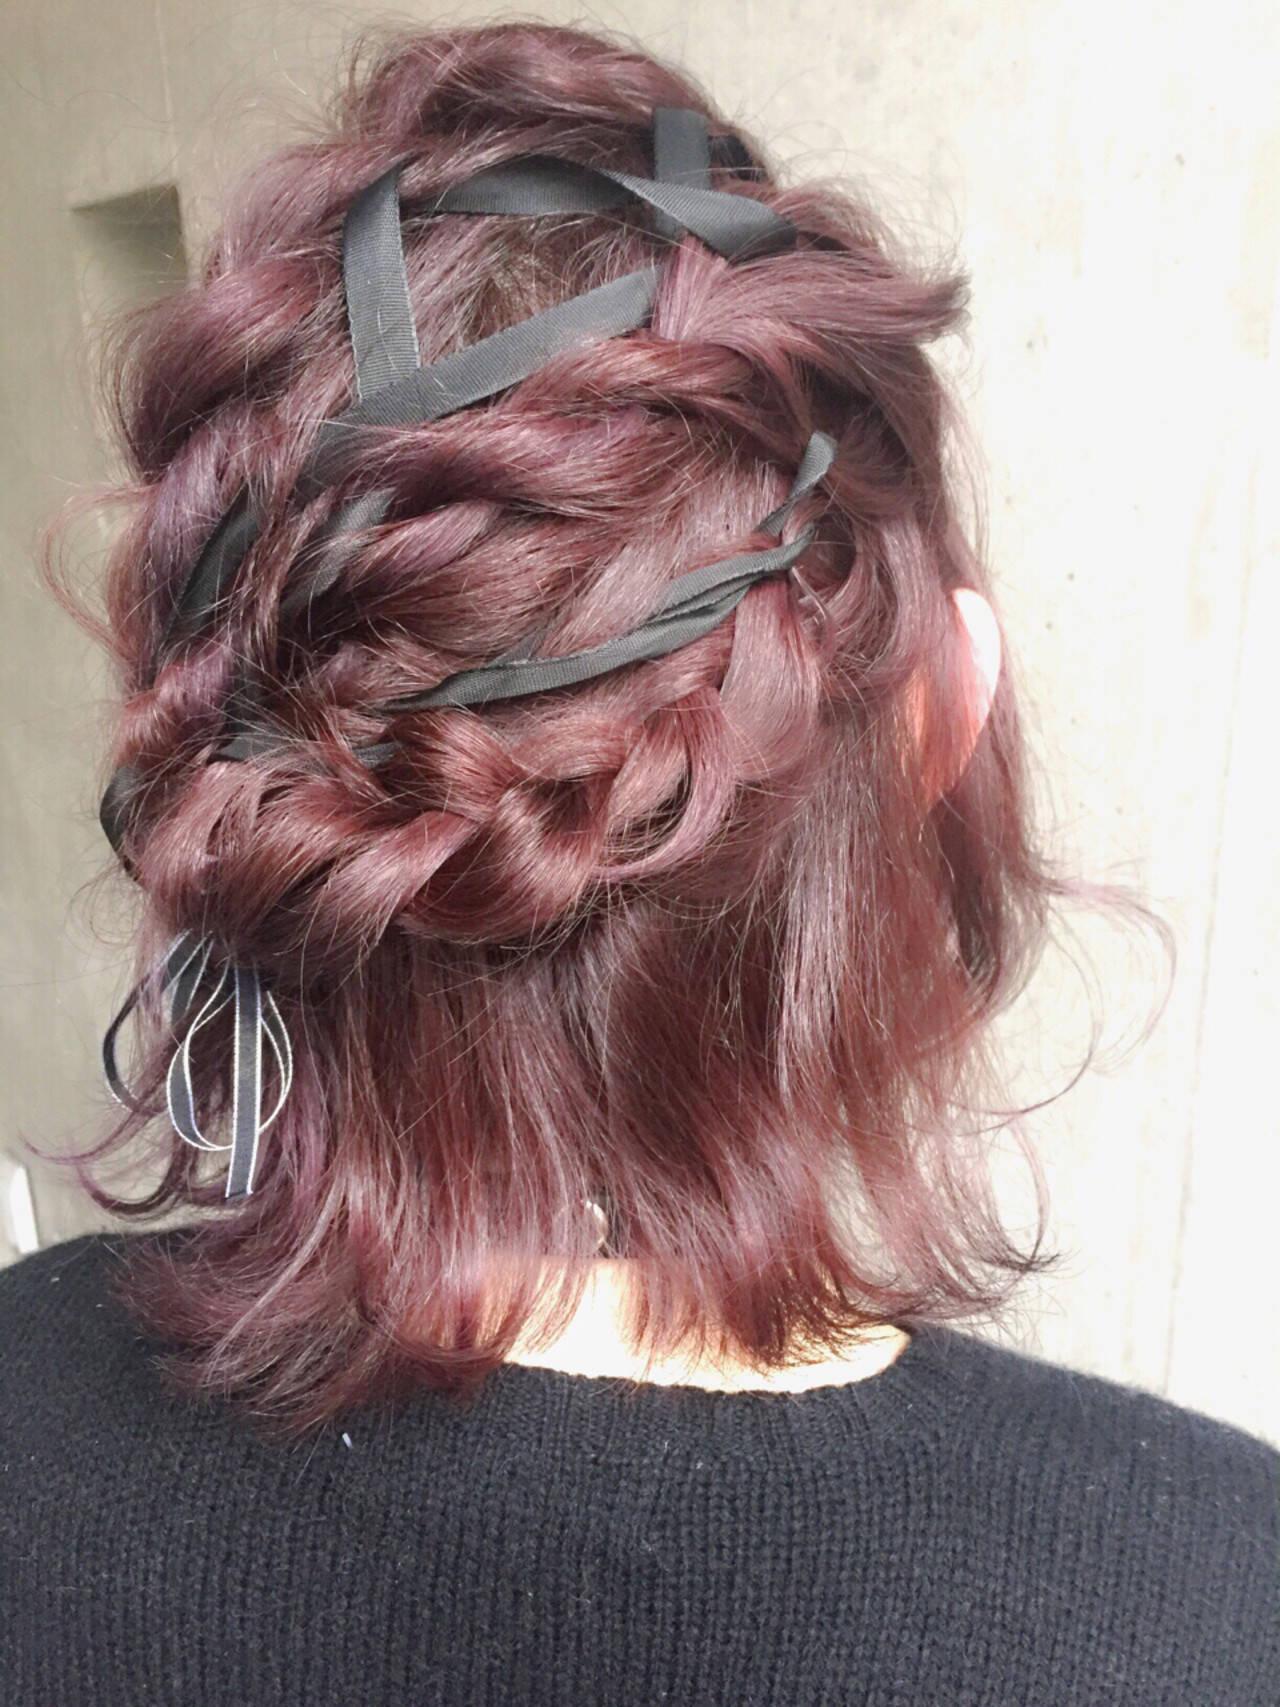 ゆるふわ ボブ ヘアアレンジ ハーフアップヘアスタイルや髪型の写真・画像